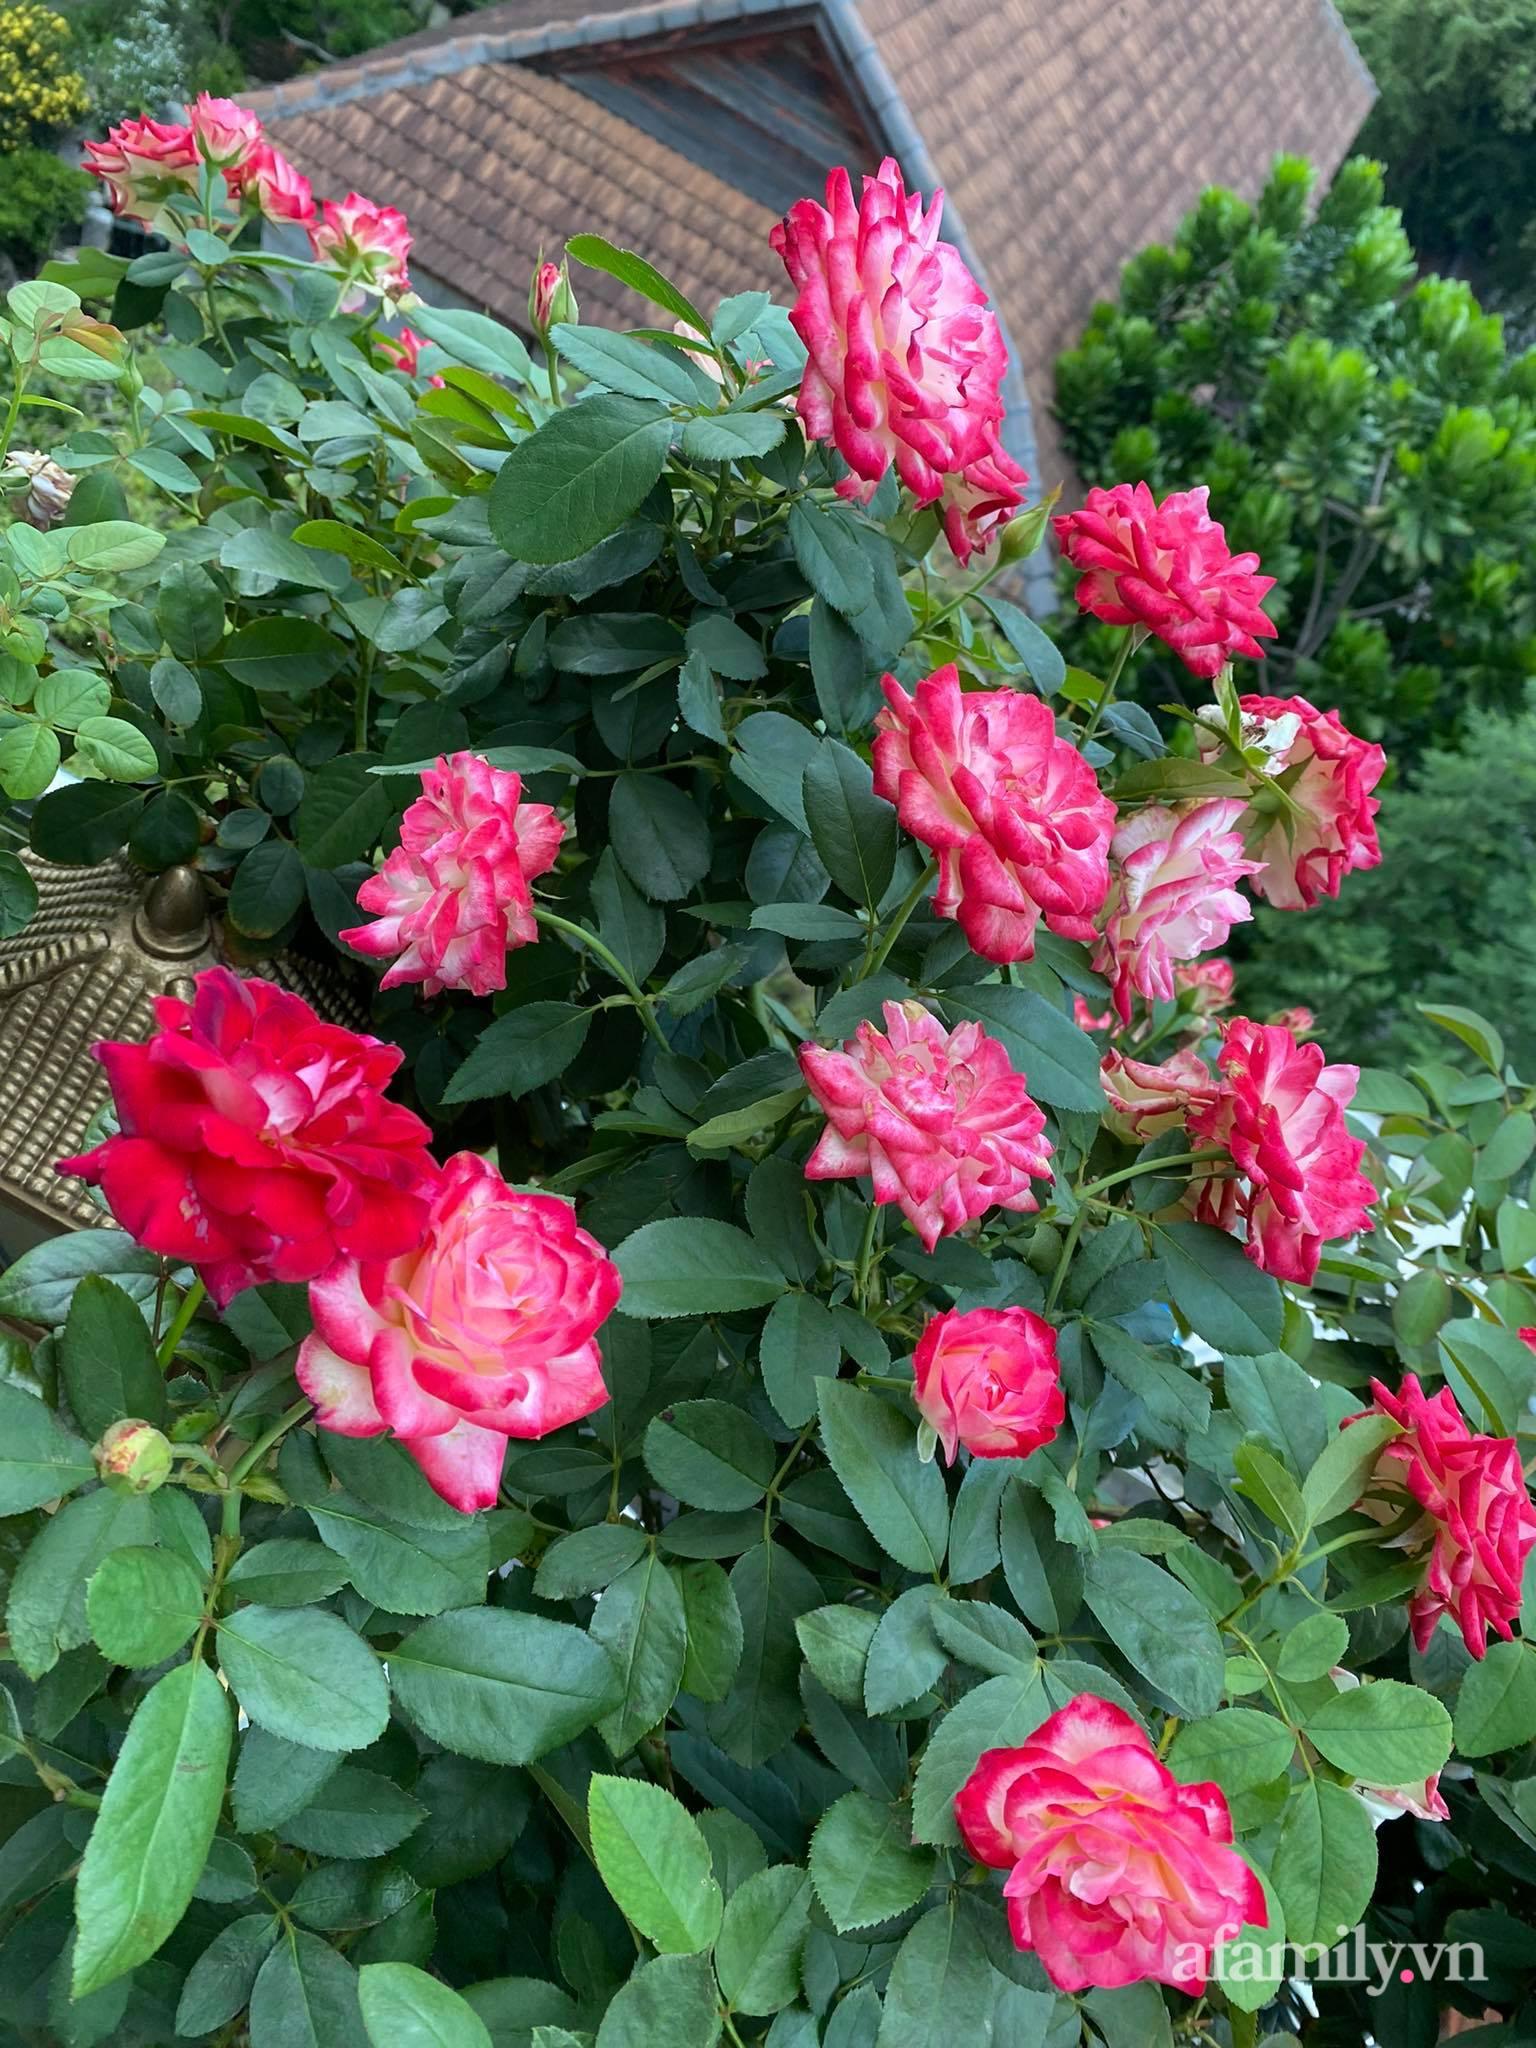 Sân thượng phủ kín hoa hồng và rau quả sạch ở Sài Gòn của Hoa hậu Janny Thủy Trần-9